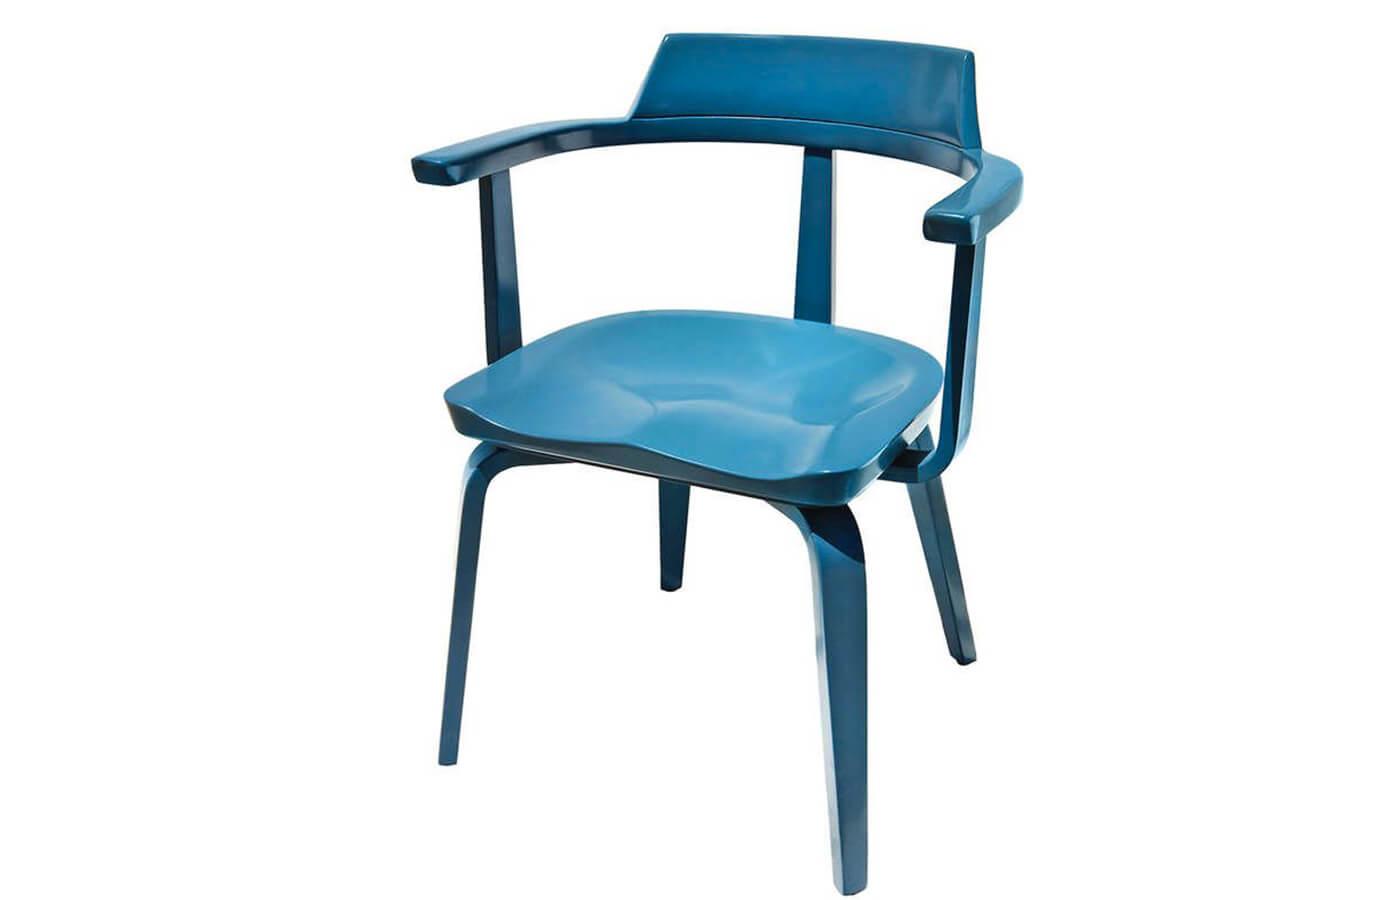 Sedia W199 progettata da Gropius e Thompson